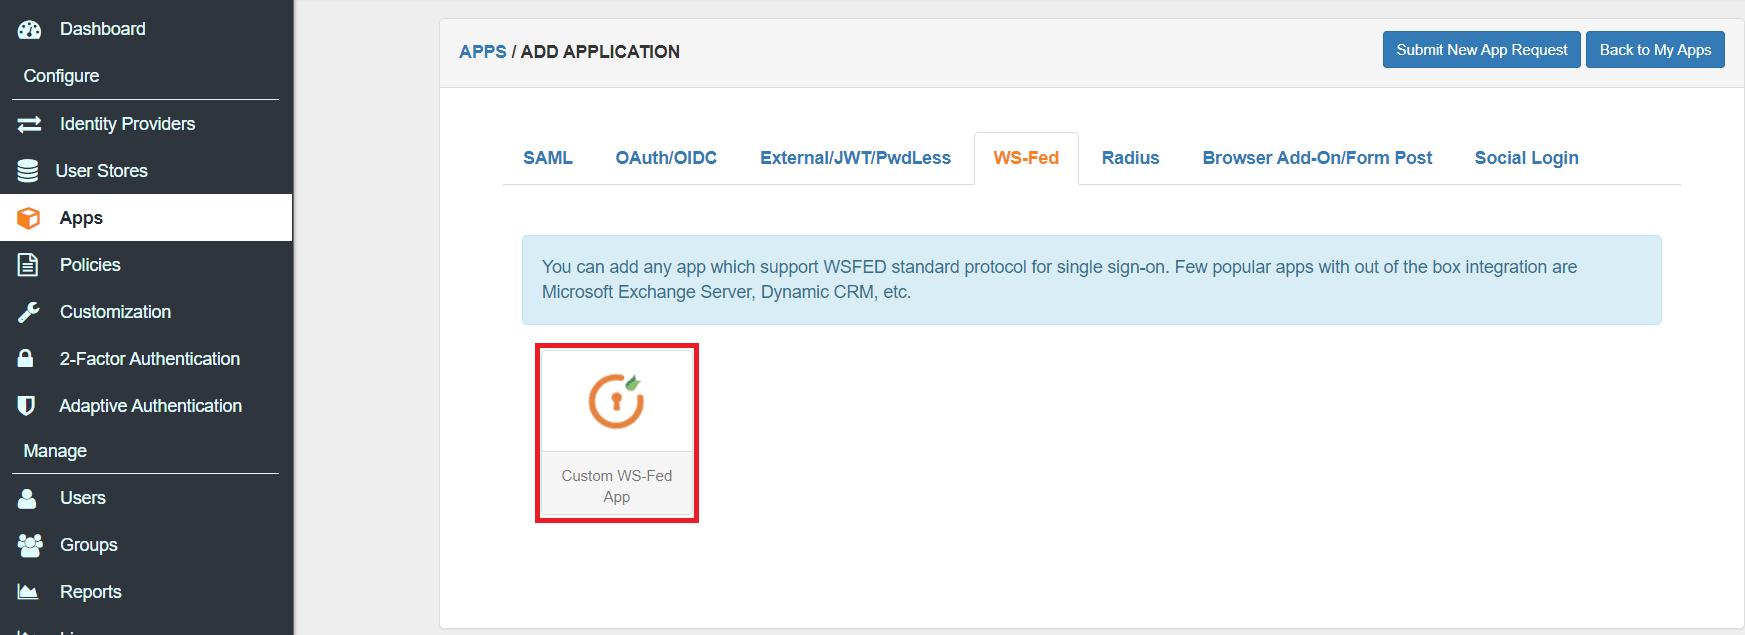 custom wsfed app adfs 2FA